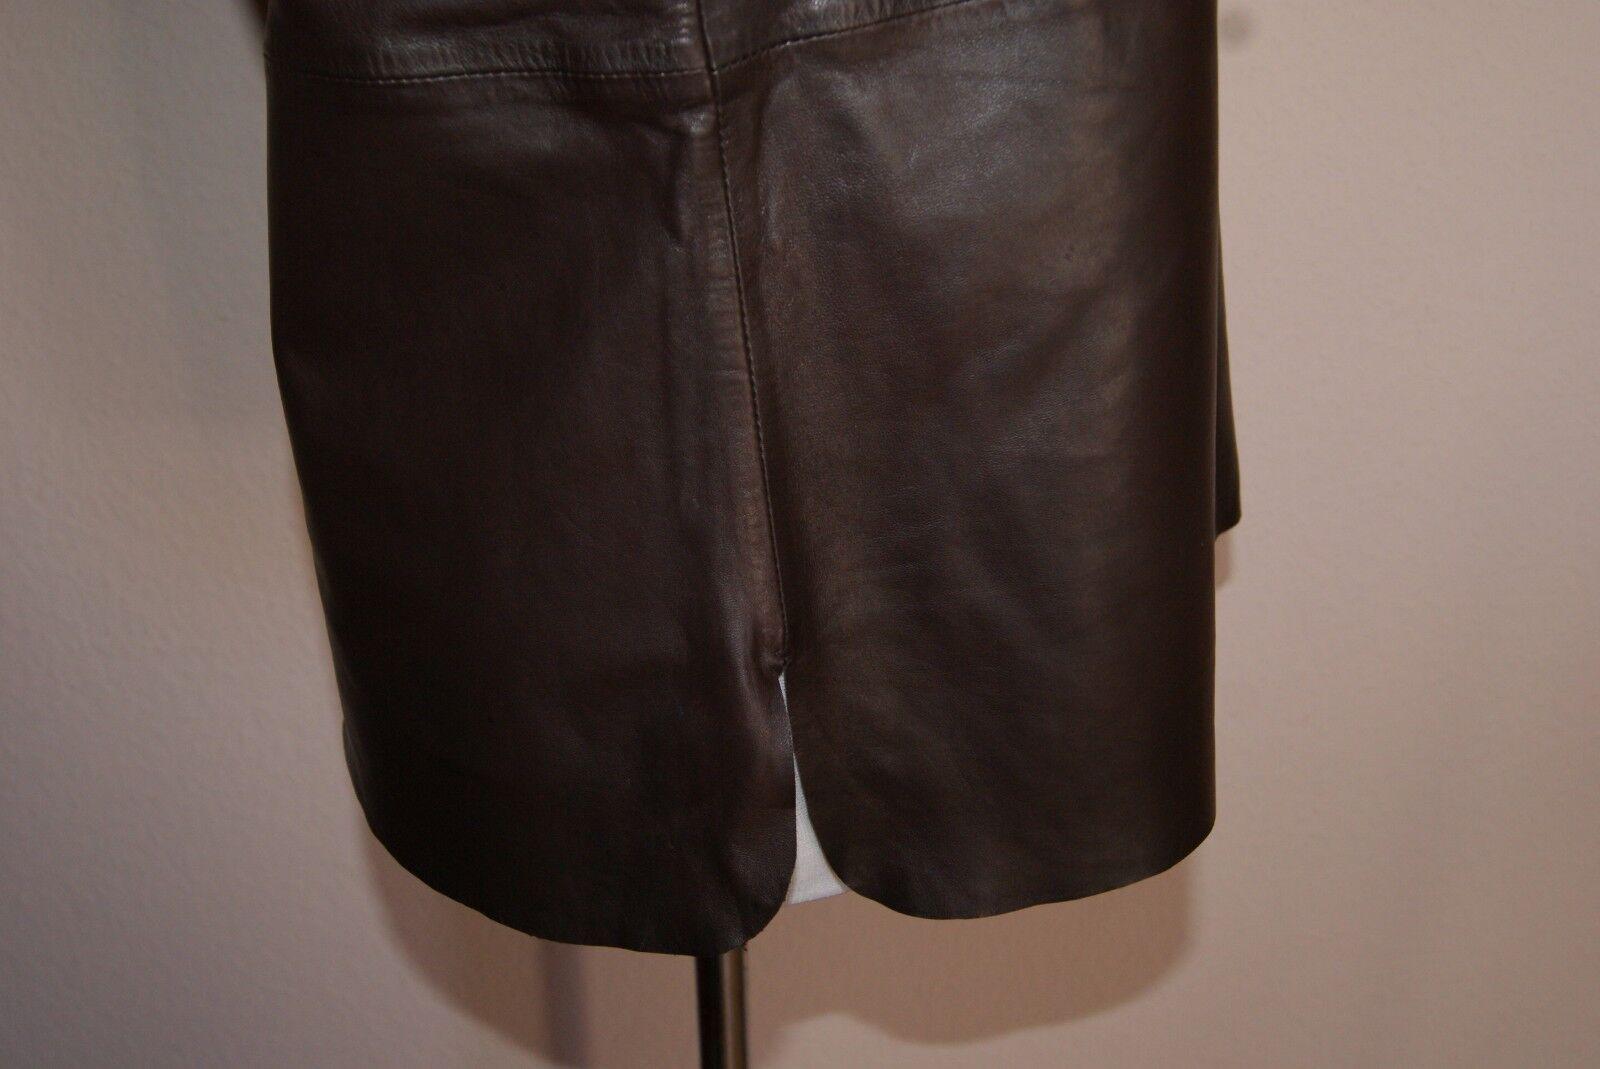 SET Ledertop Ledertop Ledertop Gr 36 S OUISET Oui Hemd Ledershirt Top Leder Blause Lederhemd NEU | Meistverkaufte weltweit  52db60